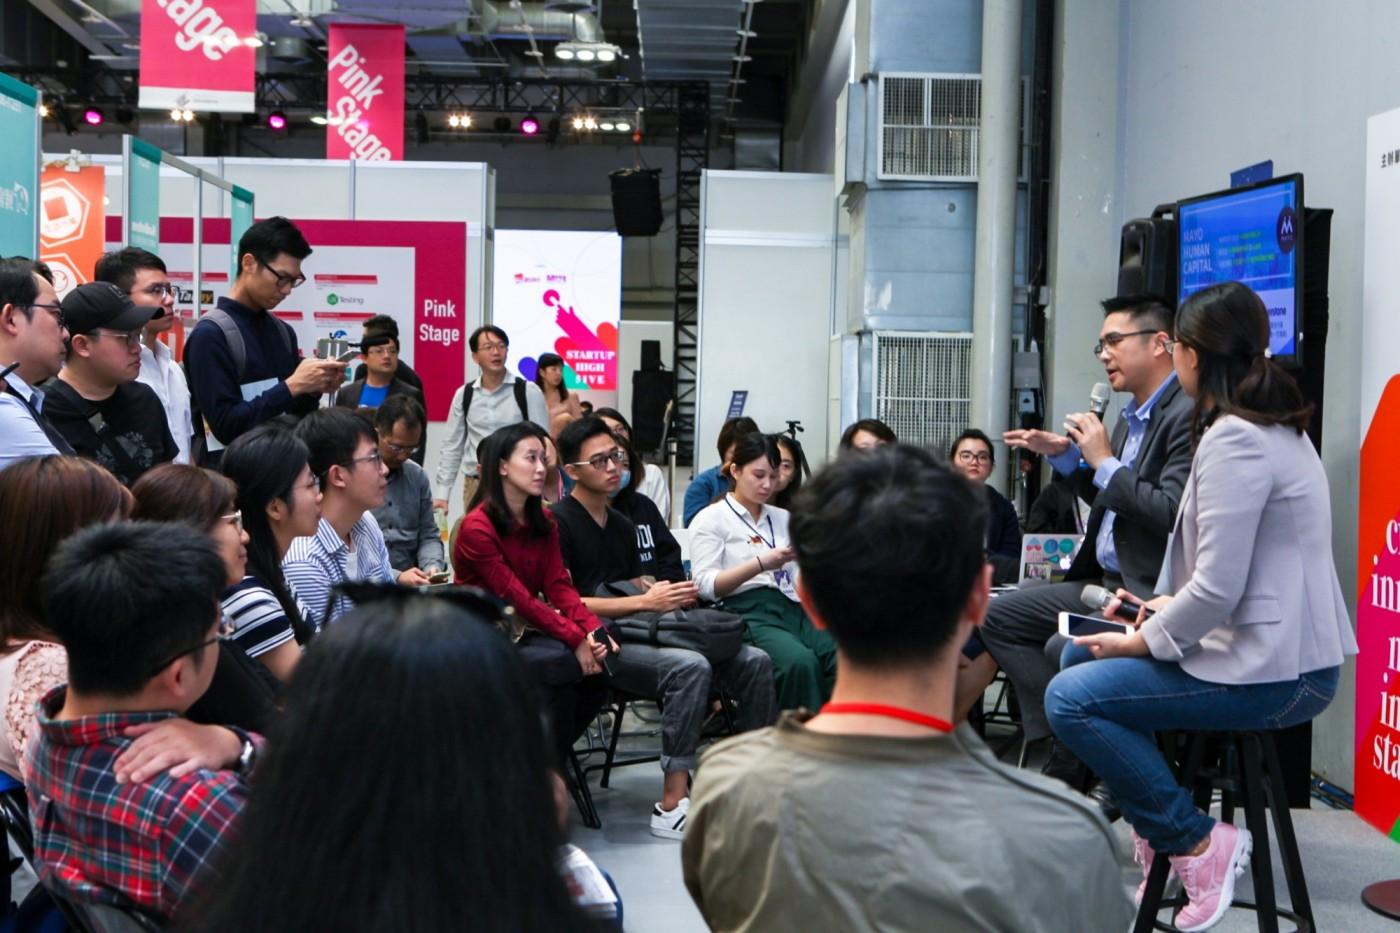 【2018 Meet Taipei】「經營職涯,就是經營你的人生」——新創人才沙龍帶來的啟示